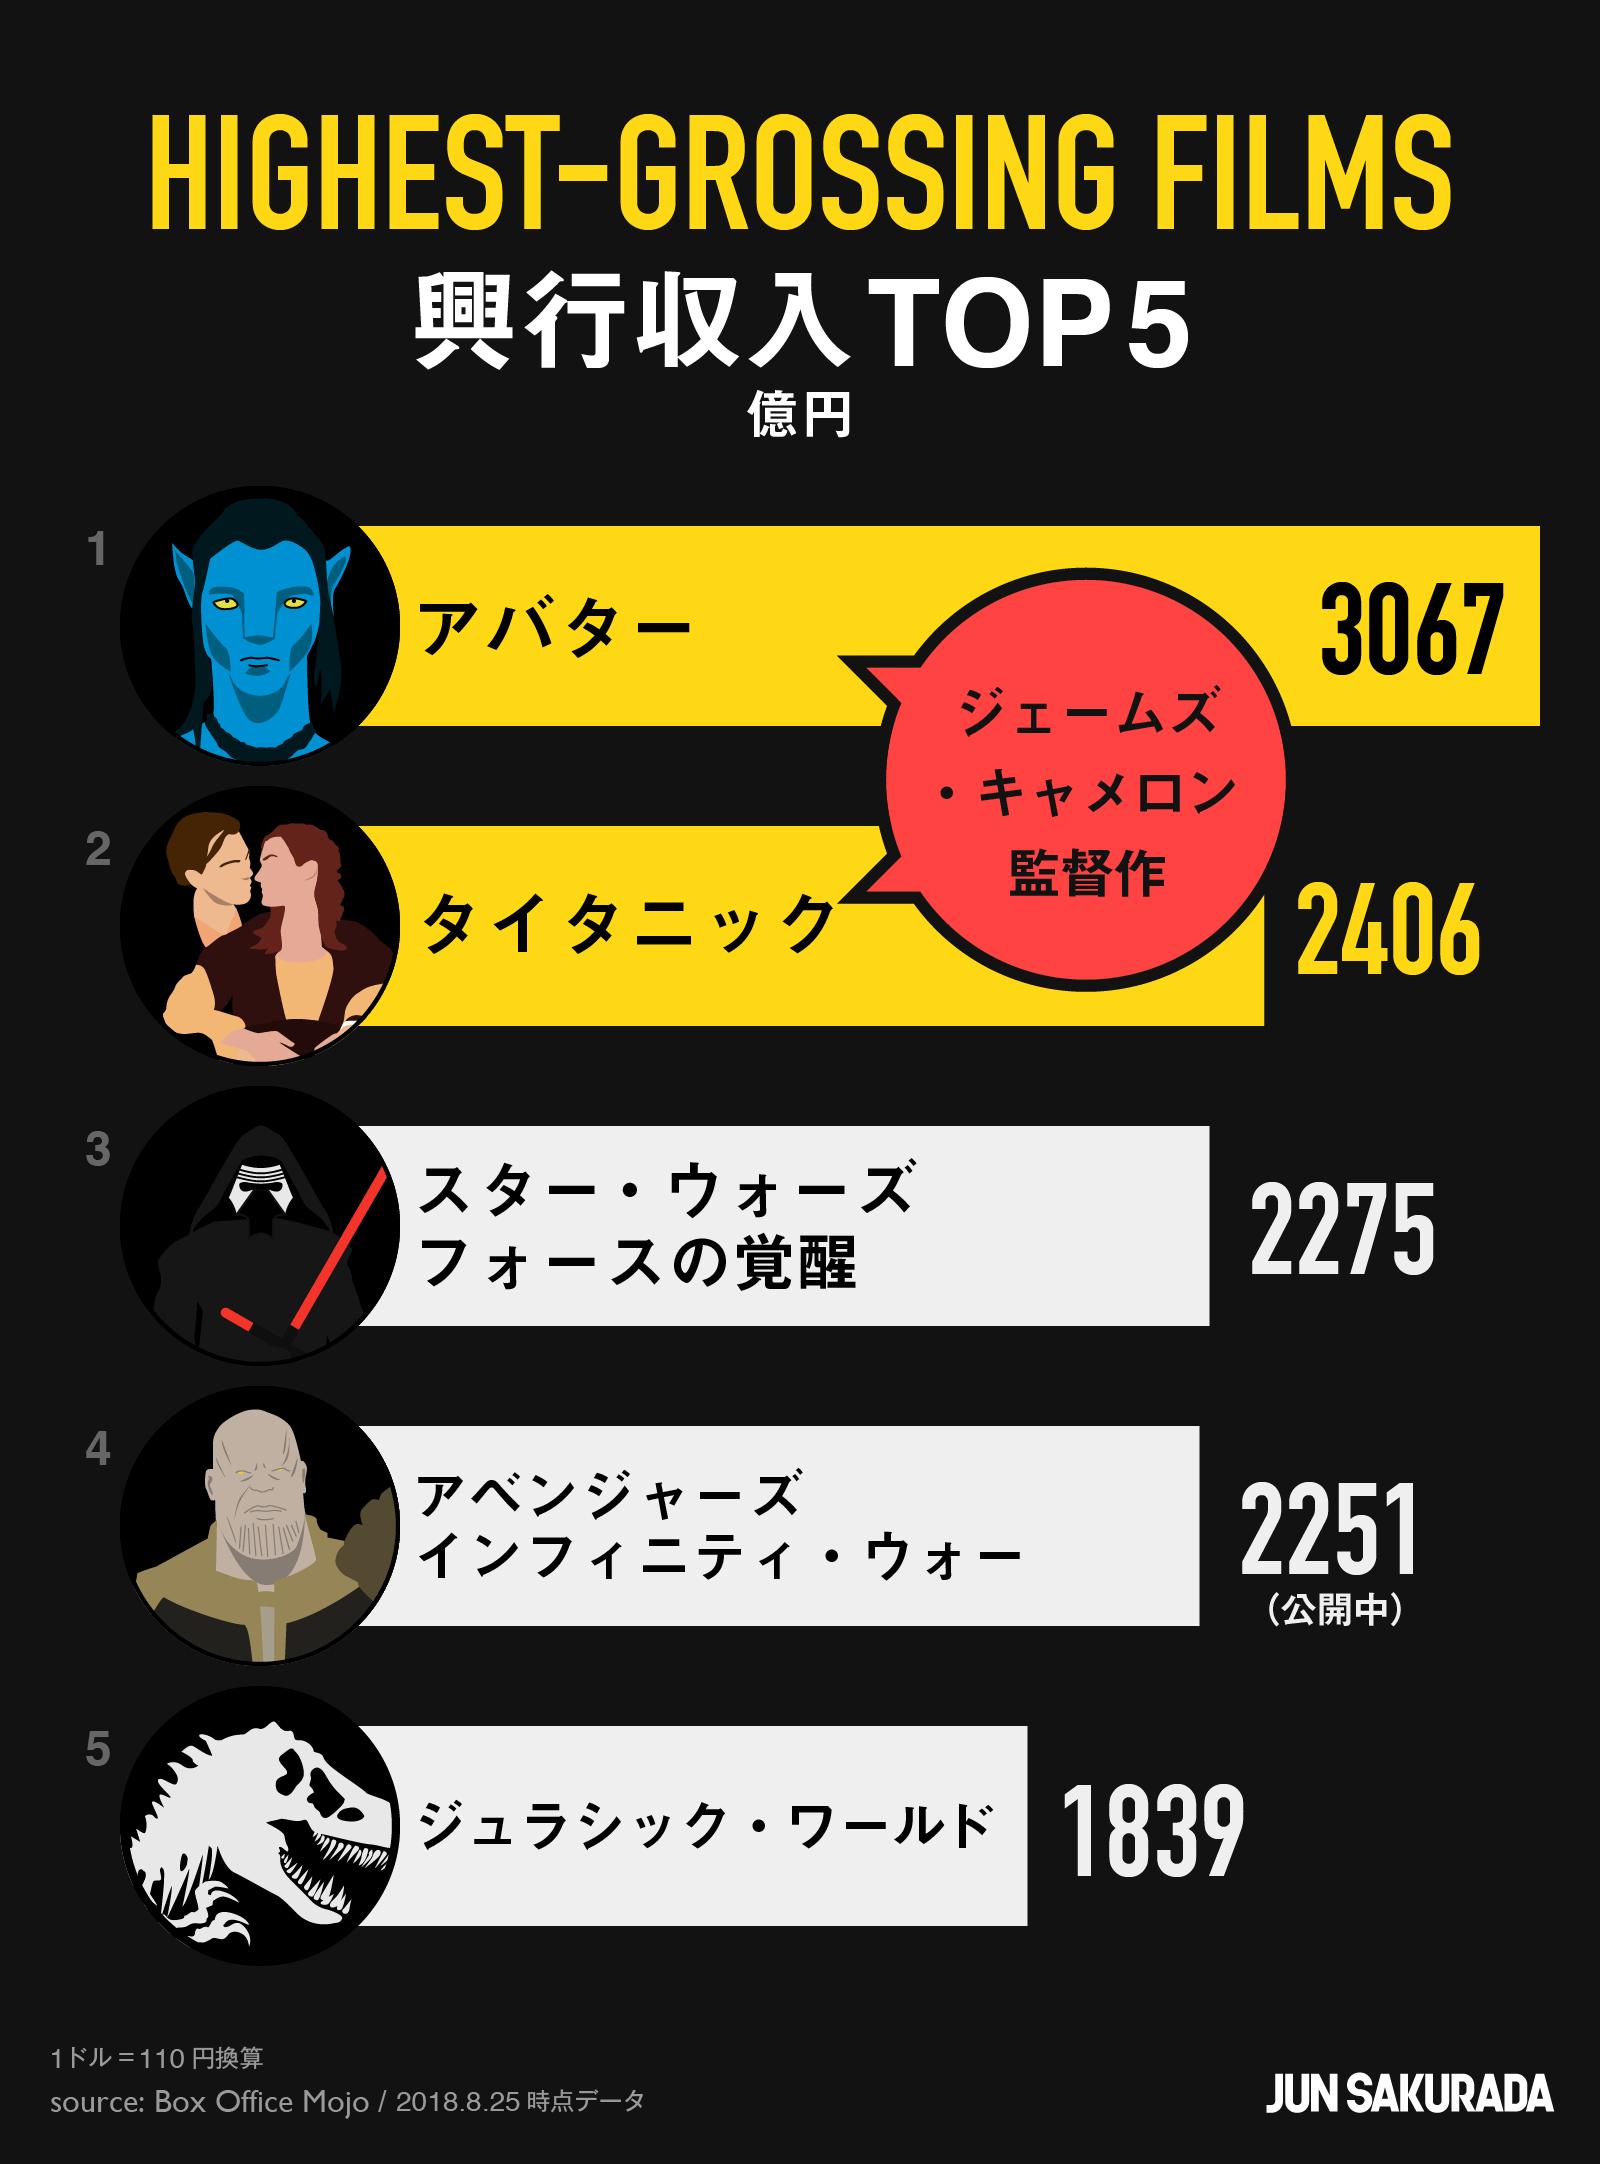 映画の興行収入ランキング TOP5